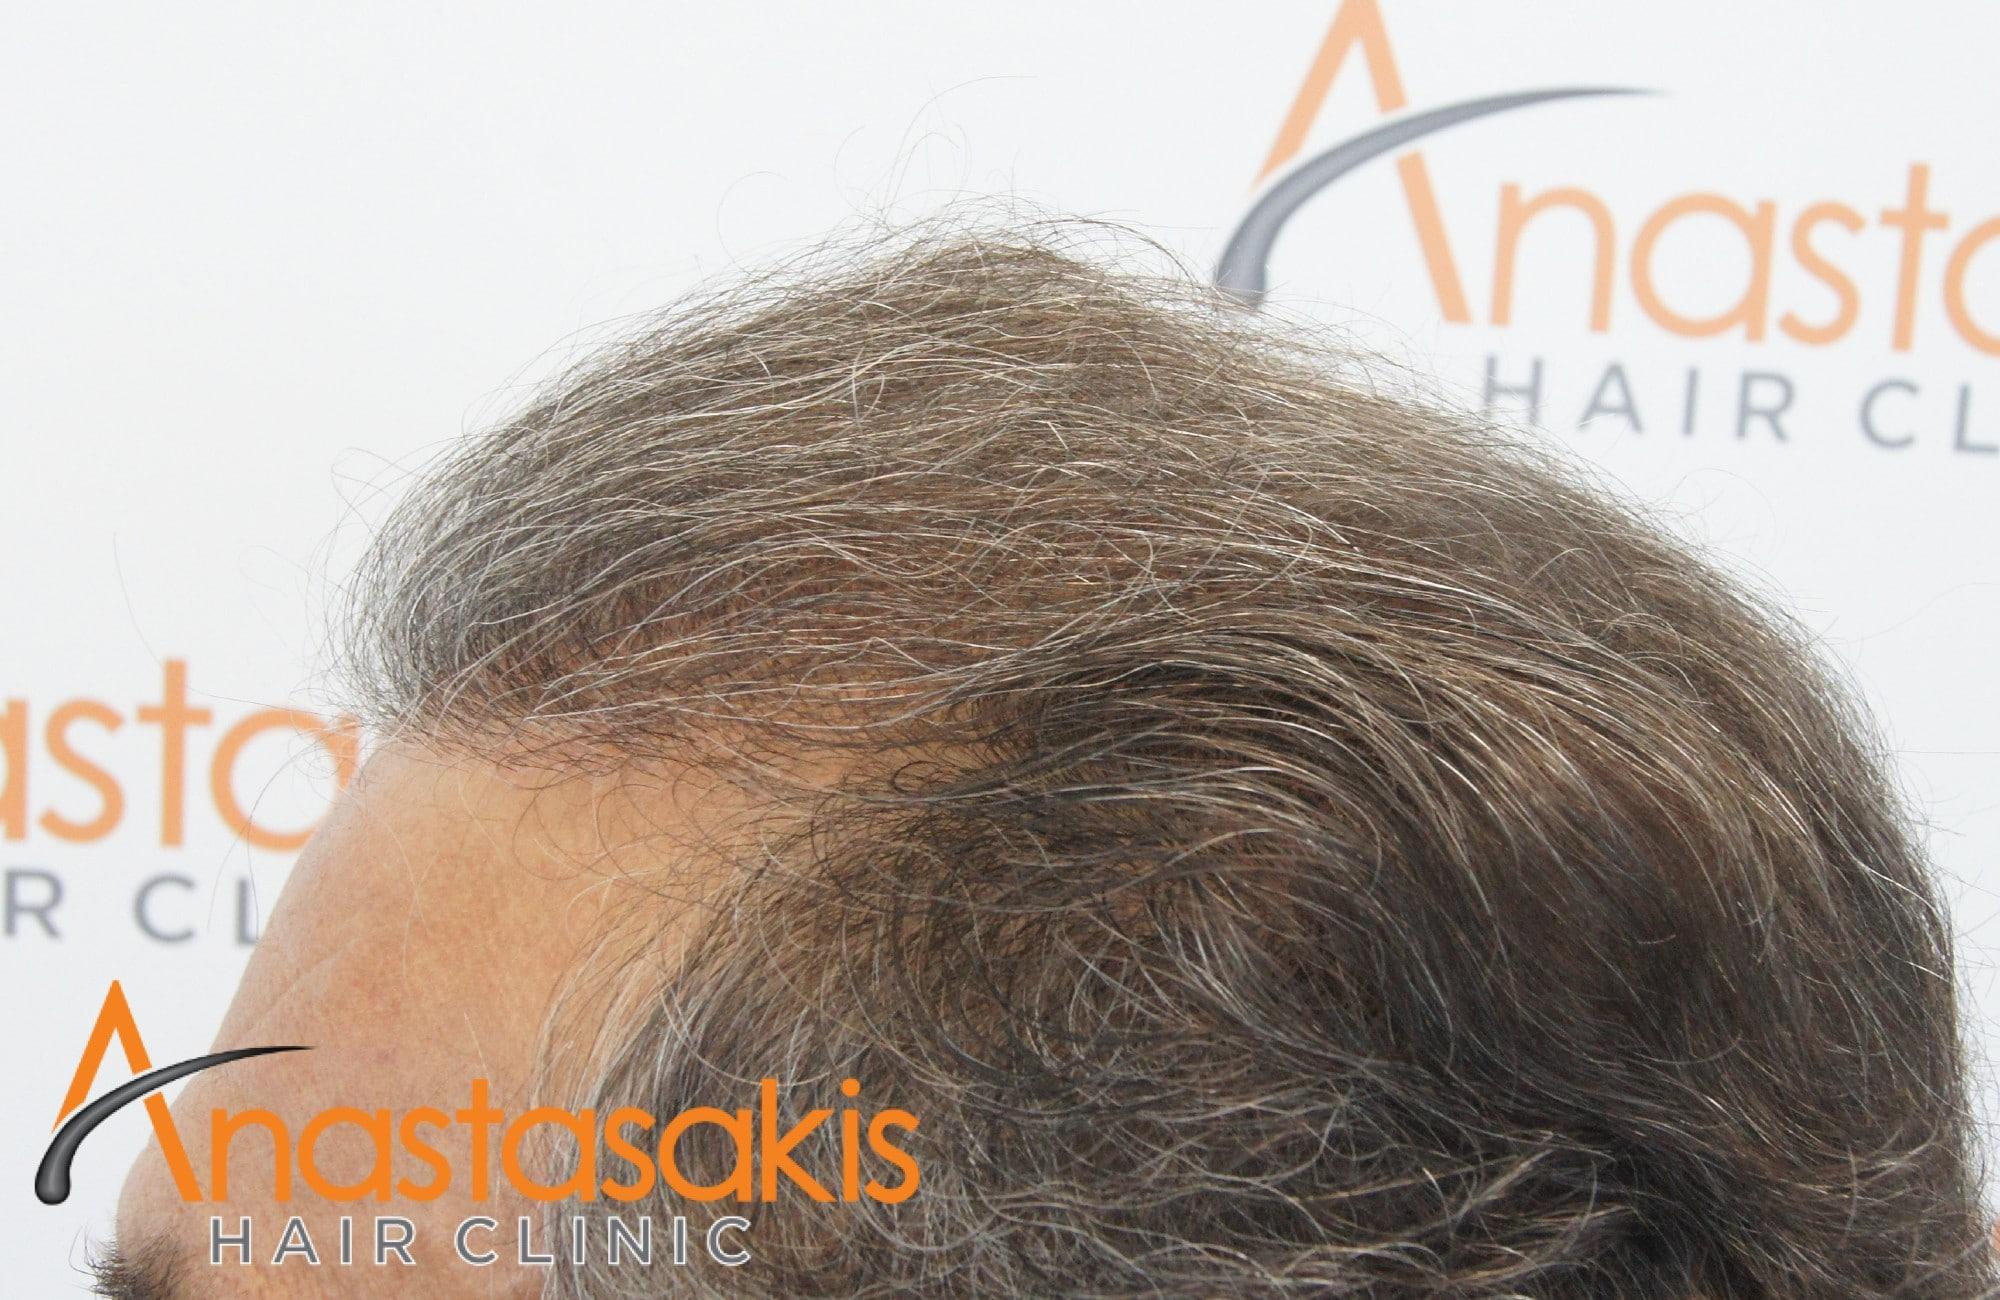 αποτελεσμα μεταμοσχευσης μαλλιων με 3964 fus - αριστερο προφιλ